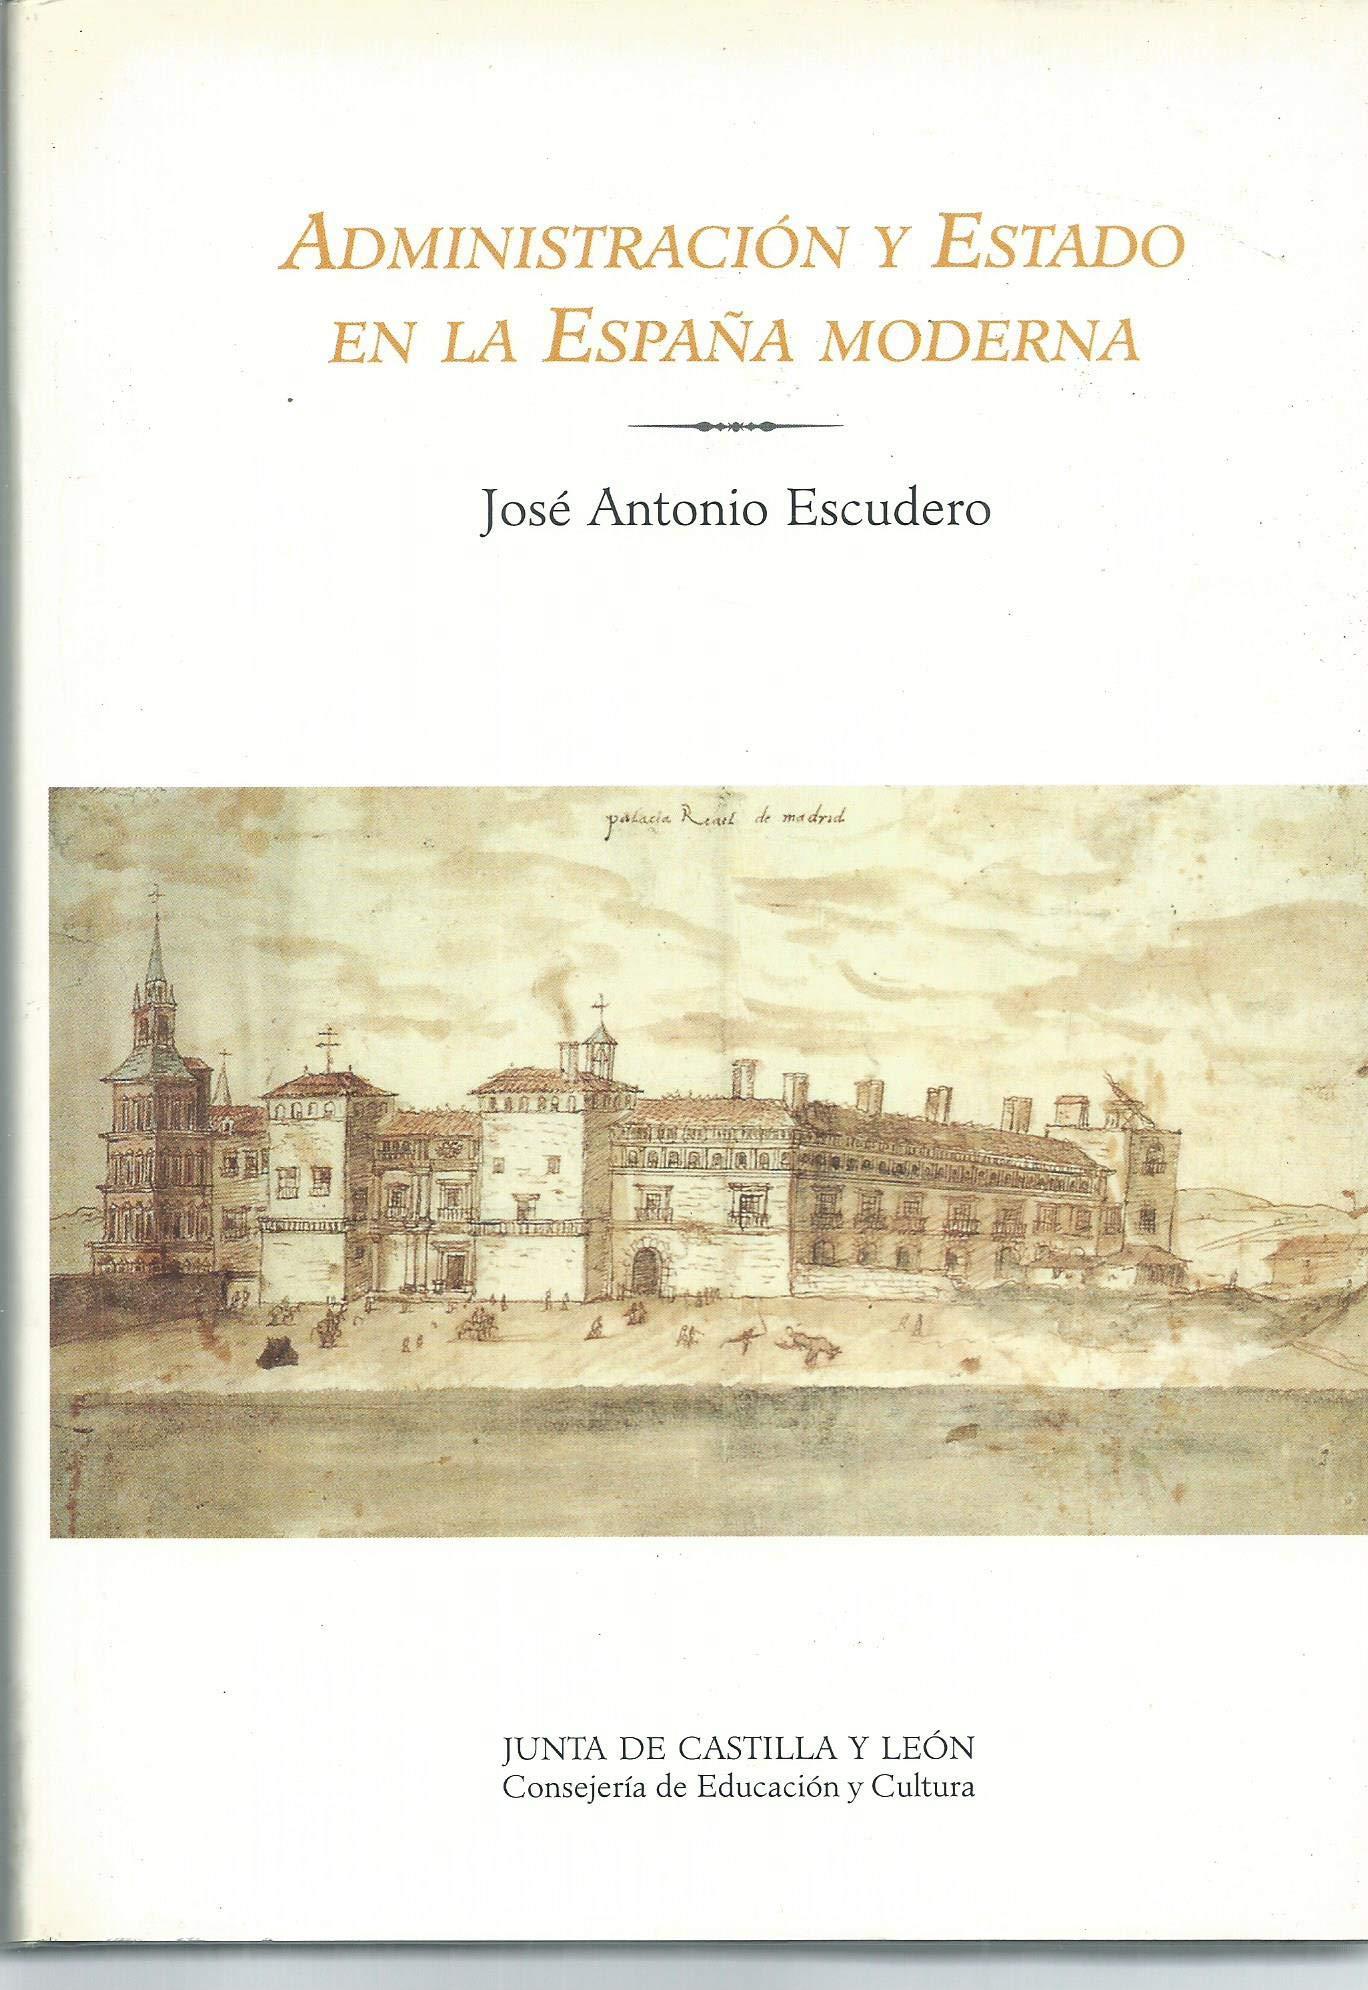 Administracion y estado en la España moderna: Amazon.es: Escudero, Jose Antonio: Libros